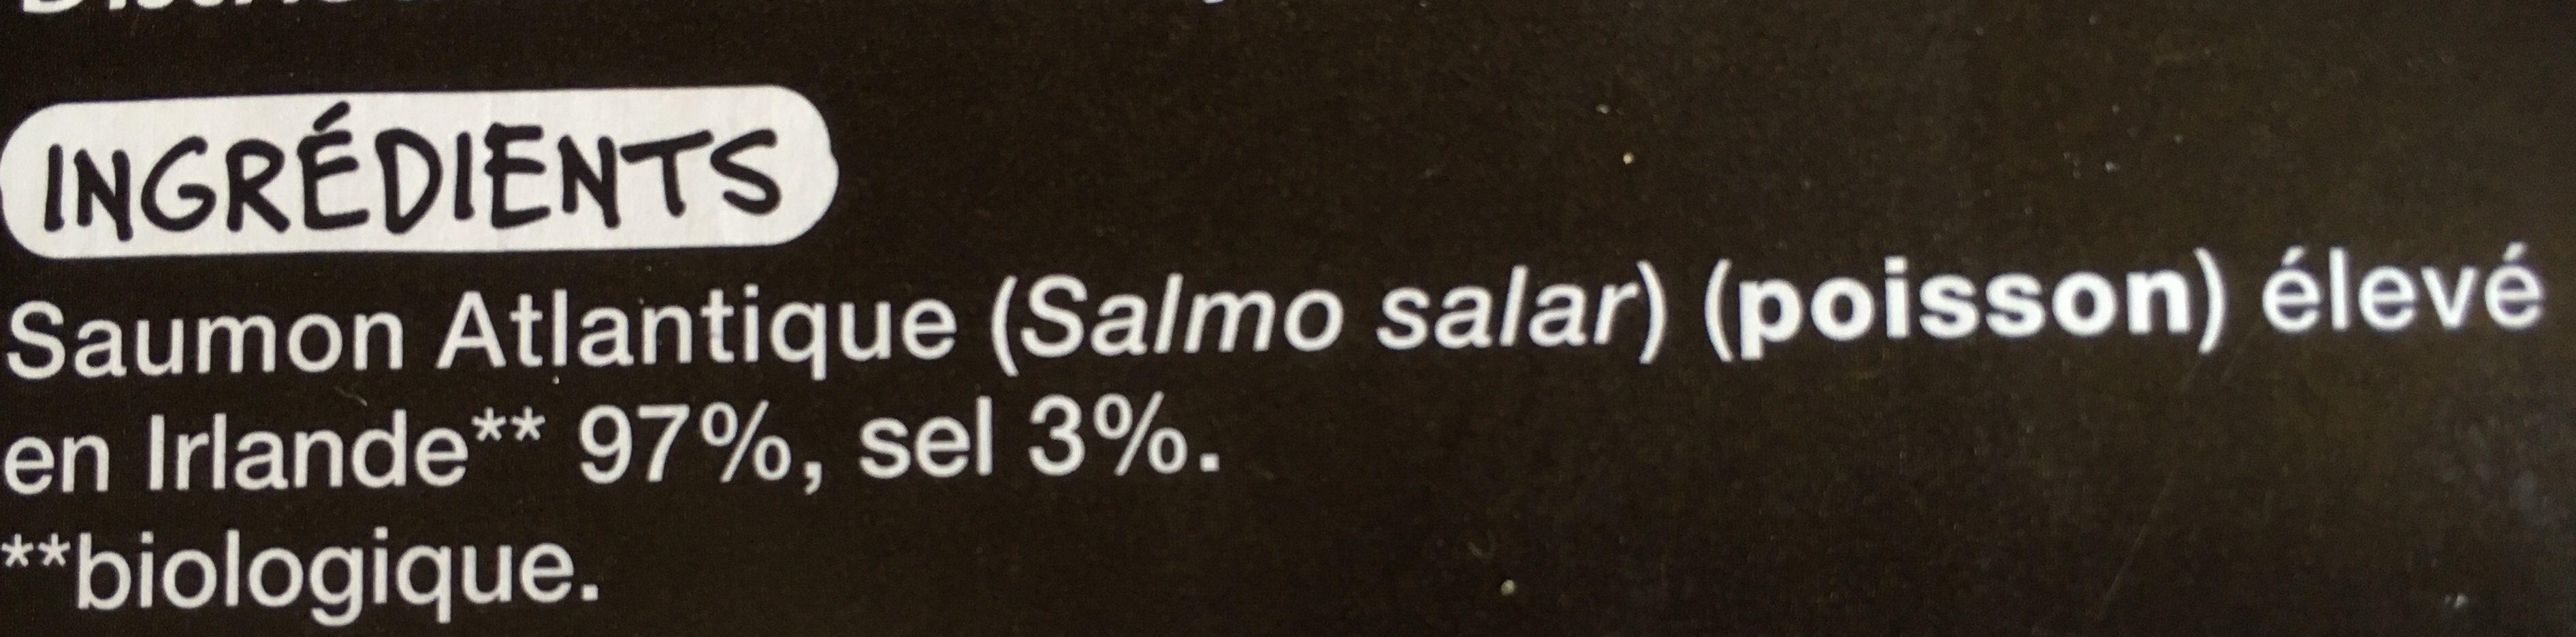 Saumon atlantique d'Irlande - Ingrédients